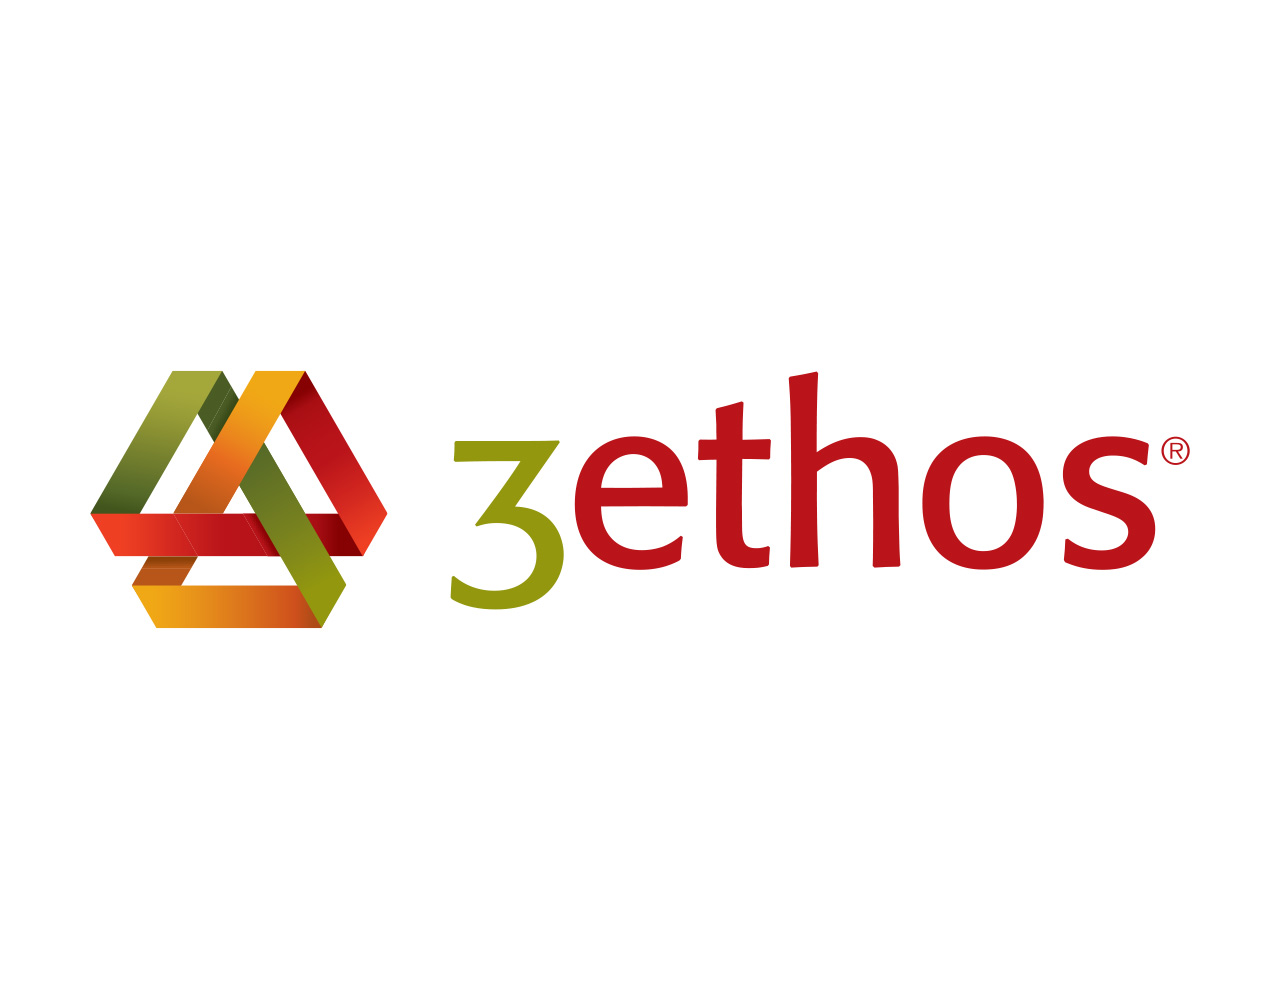 3ethos logo